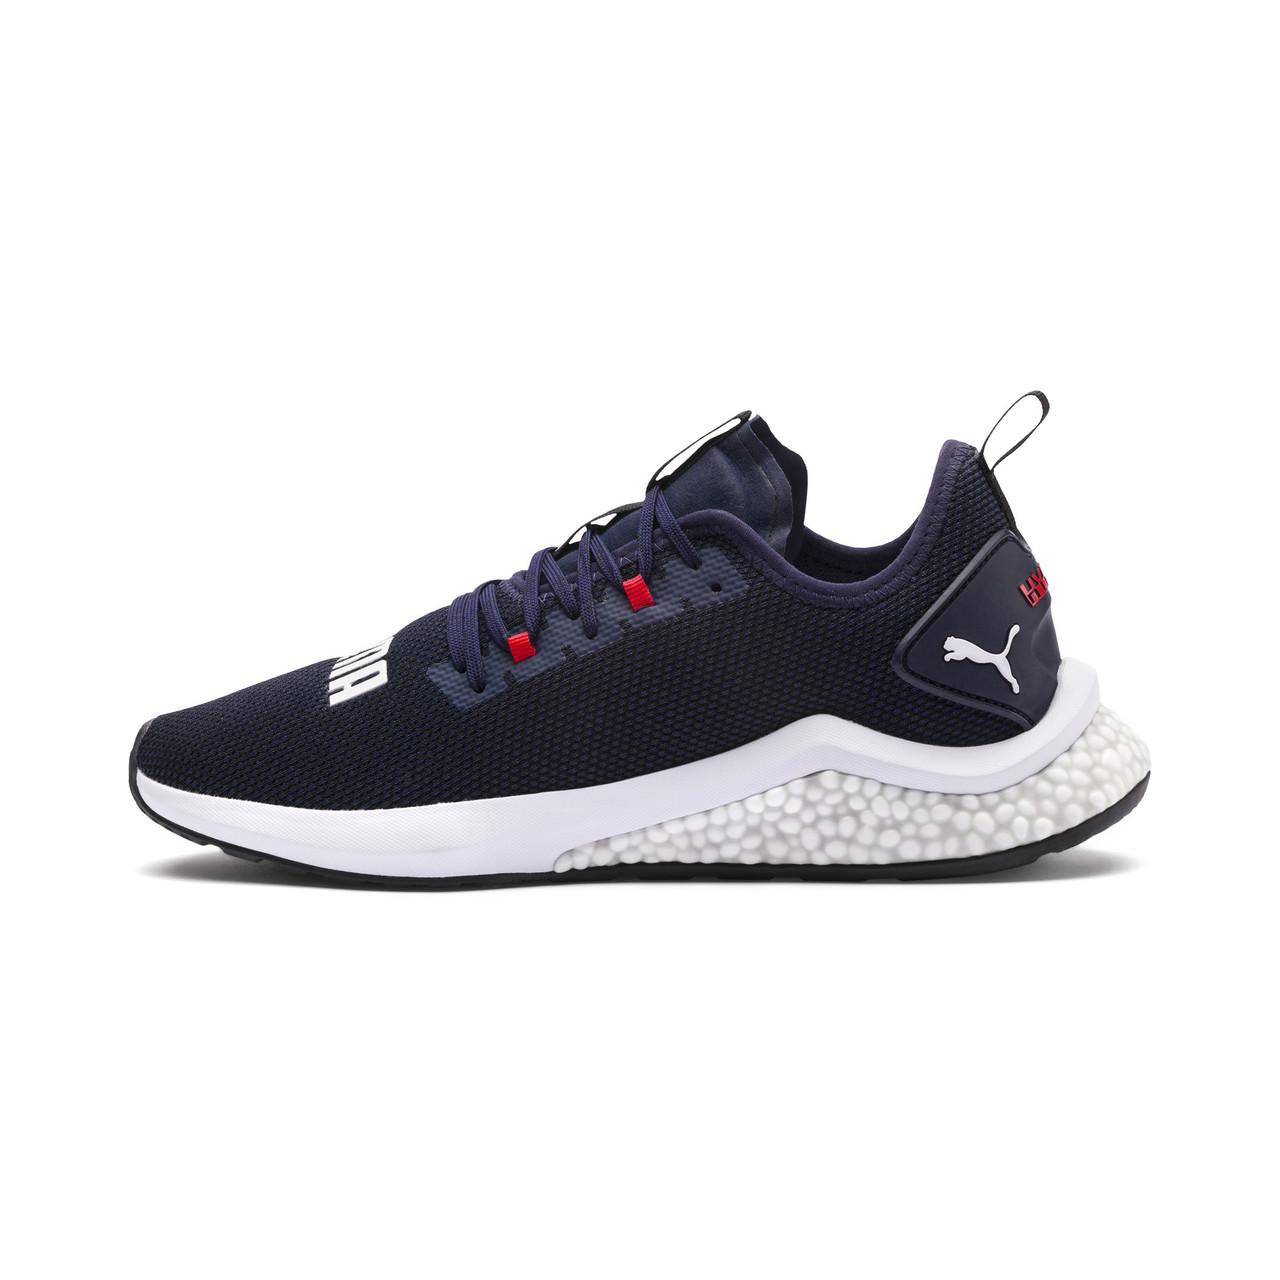 Кроссовки спортивные мужские  HYBRID NX Men's Running Shoes